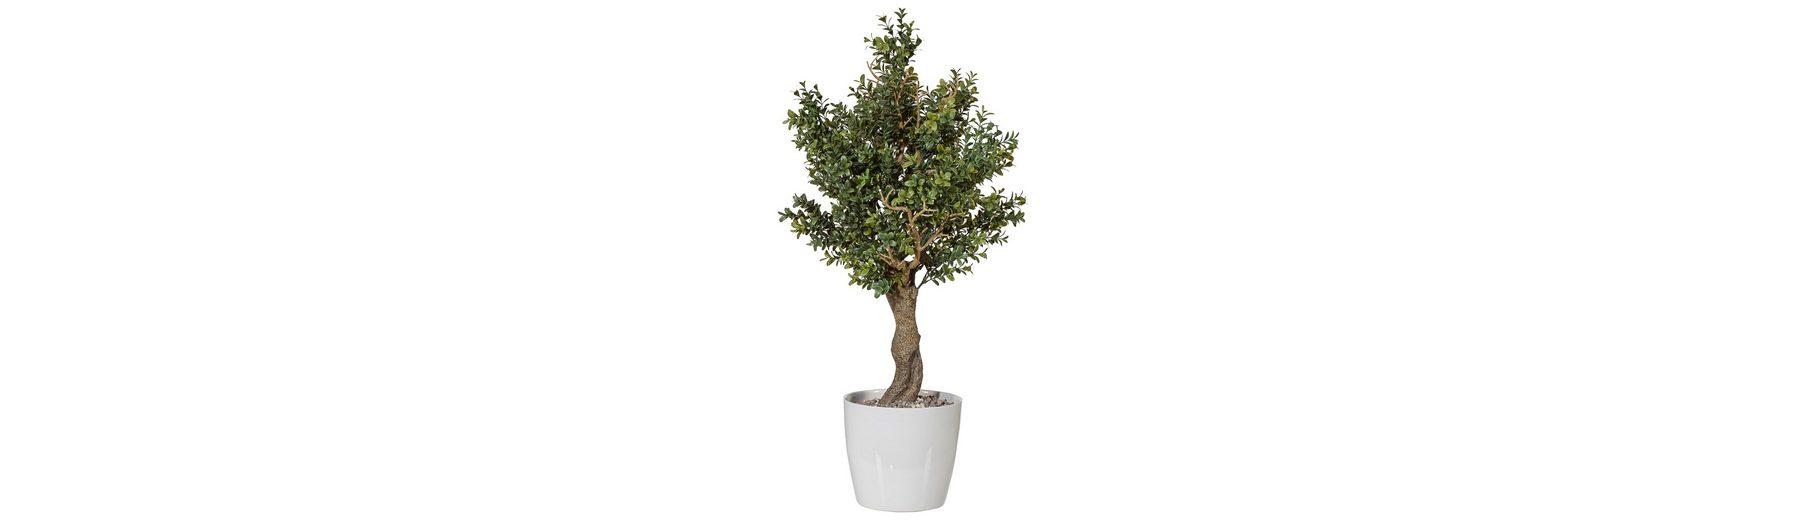 Home affaire Kunstpflanze »Baum«